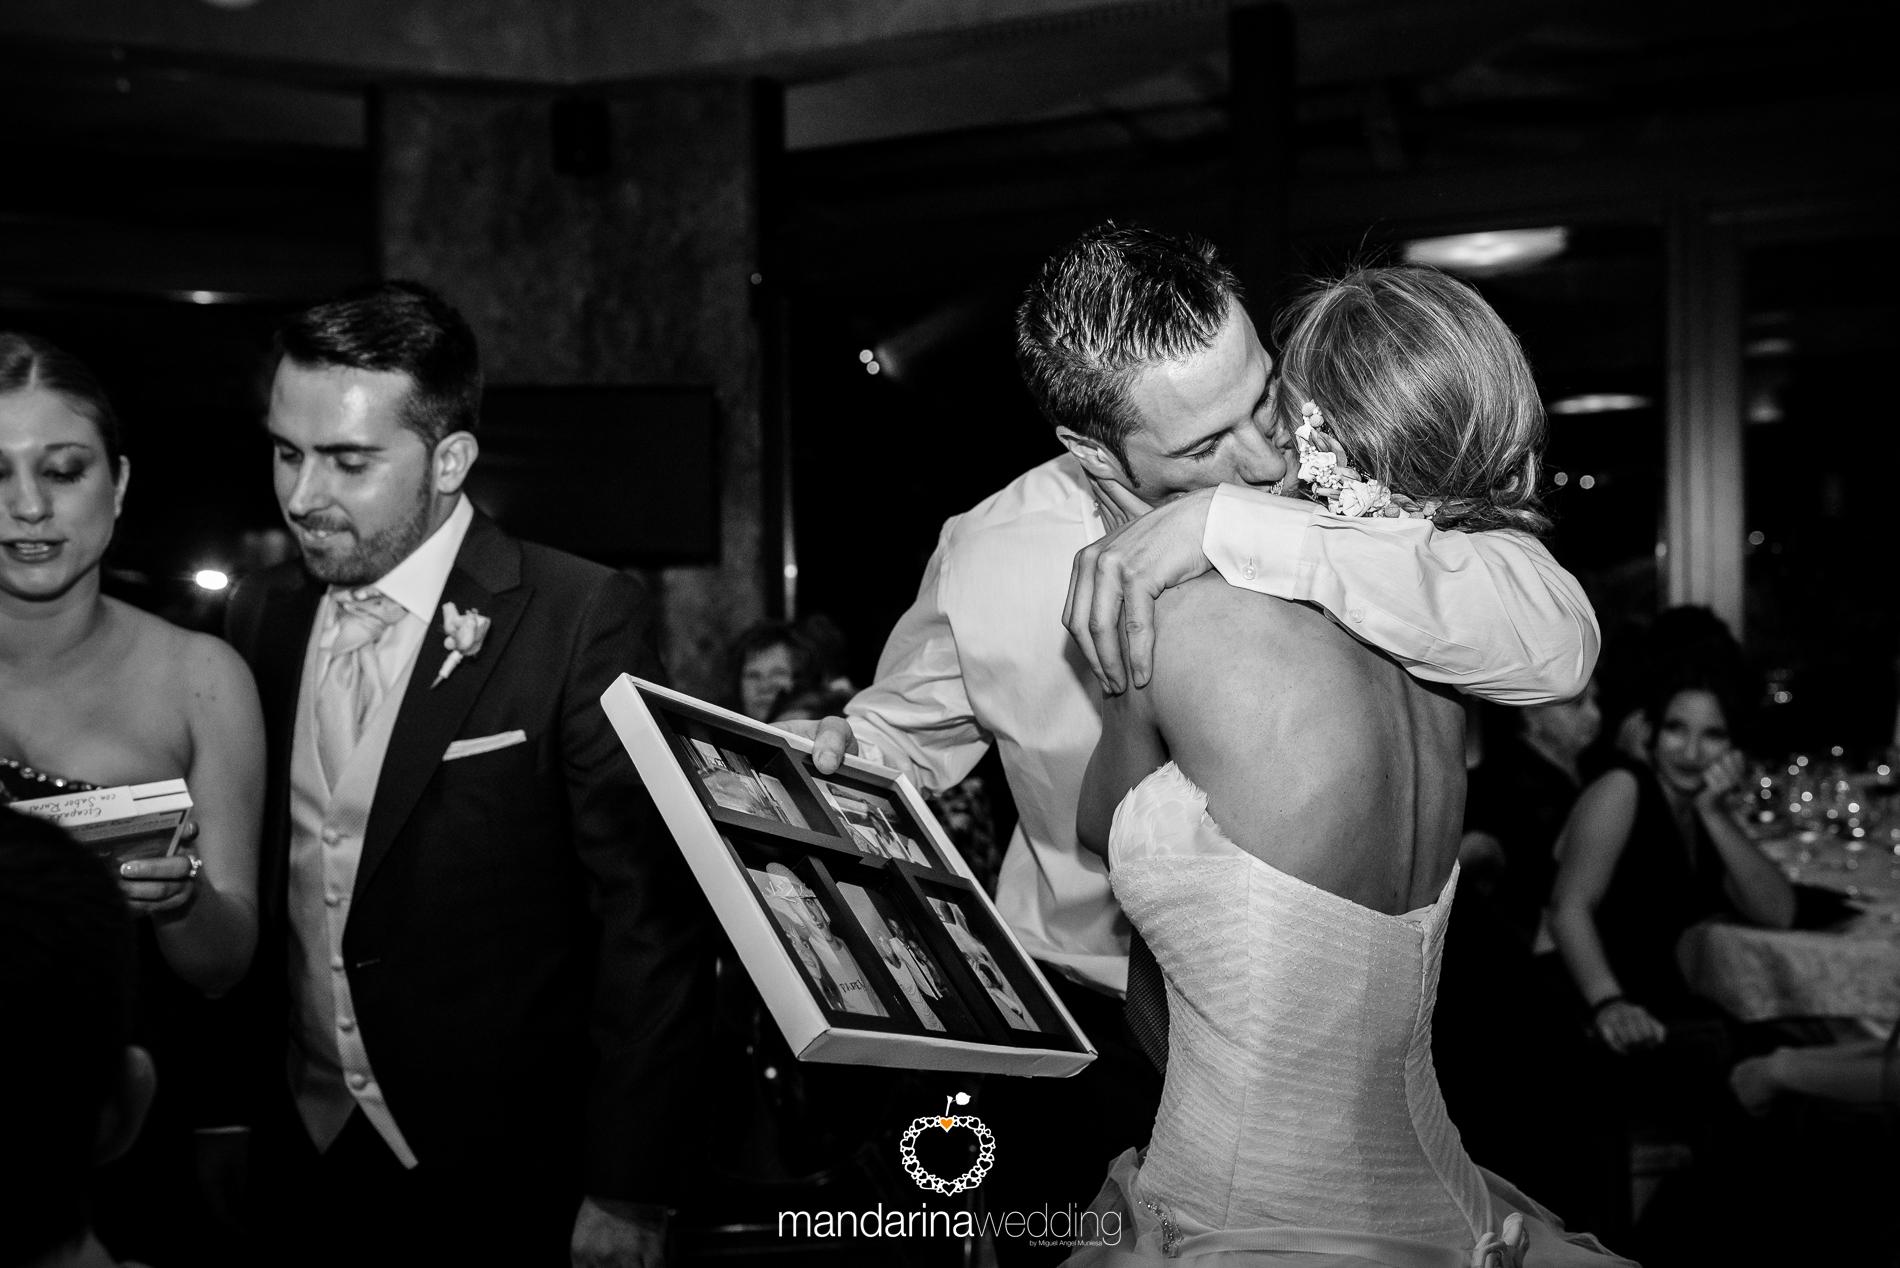 mandarina wedding_33